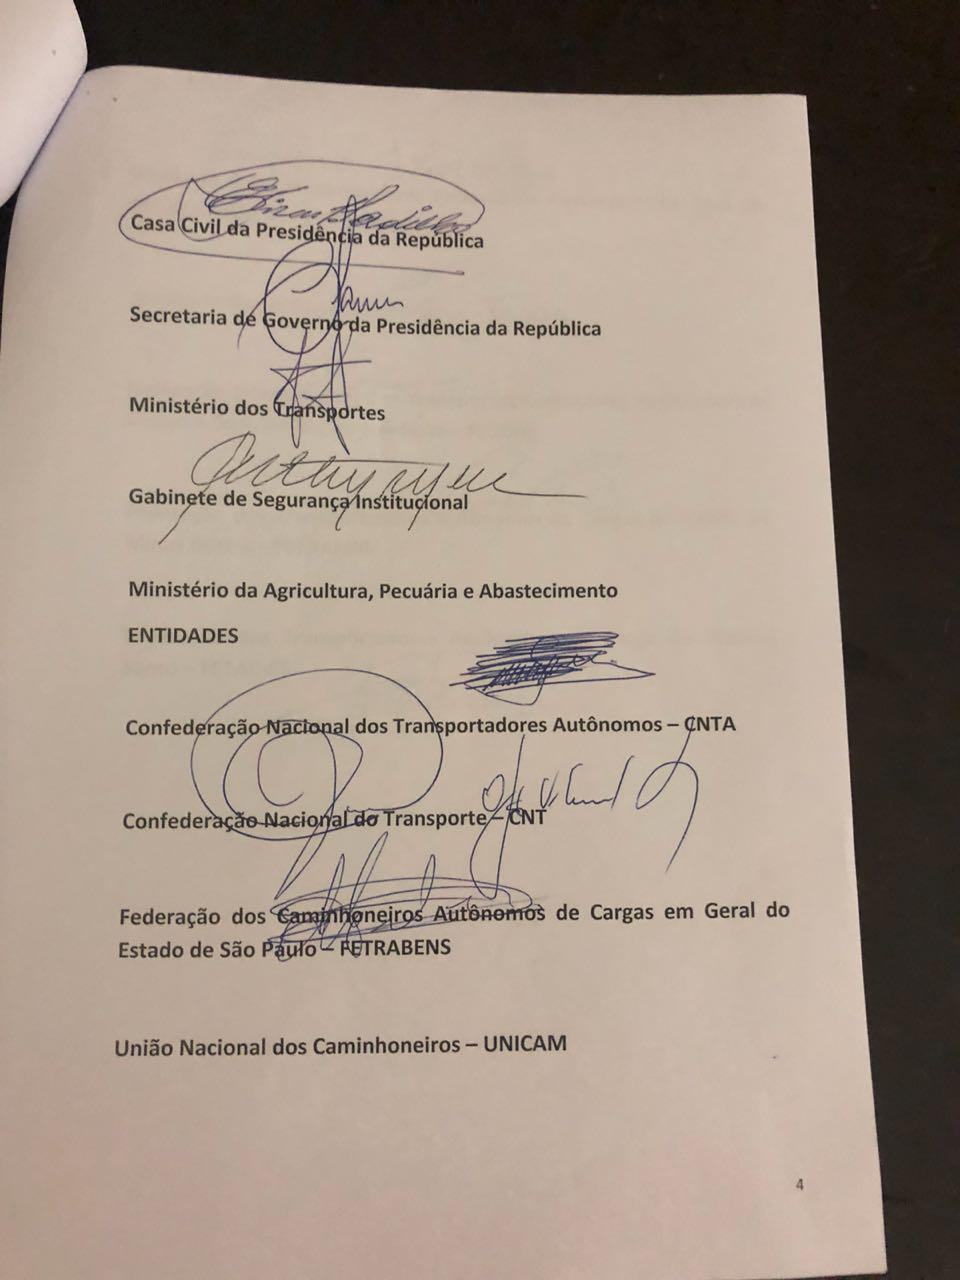 WhatsApp Image 2018 05 24 at 22.19.10 - GREVE NO BRASIL: Governo e caminhoneiros anunciam proposta de acordo; veja o documento